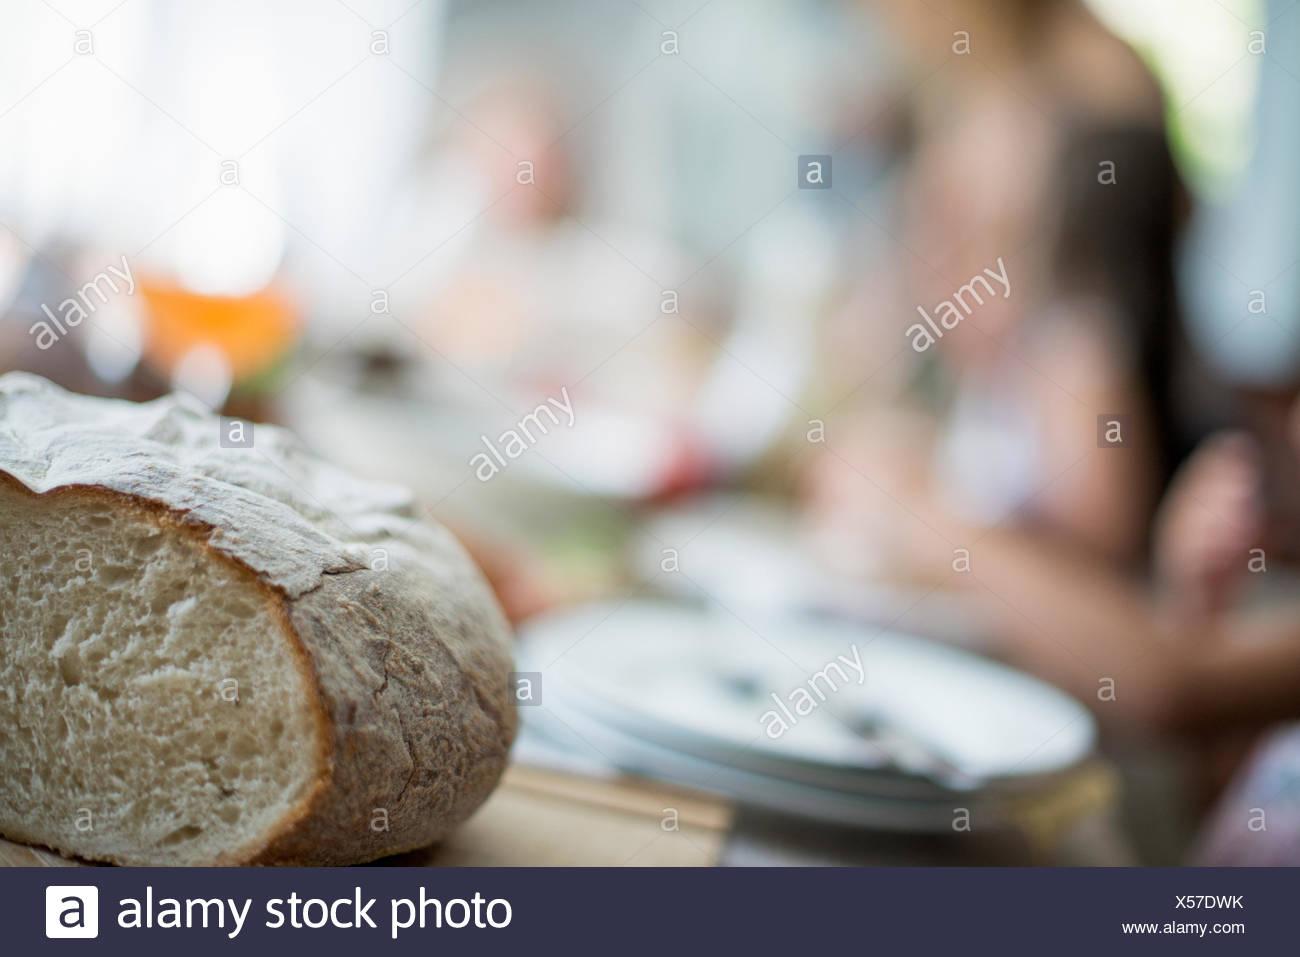 Ein Familientreffen für eine Mahlzeit. Erwachsene und Kinder an einem Tisch. Stockbild